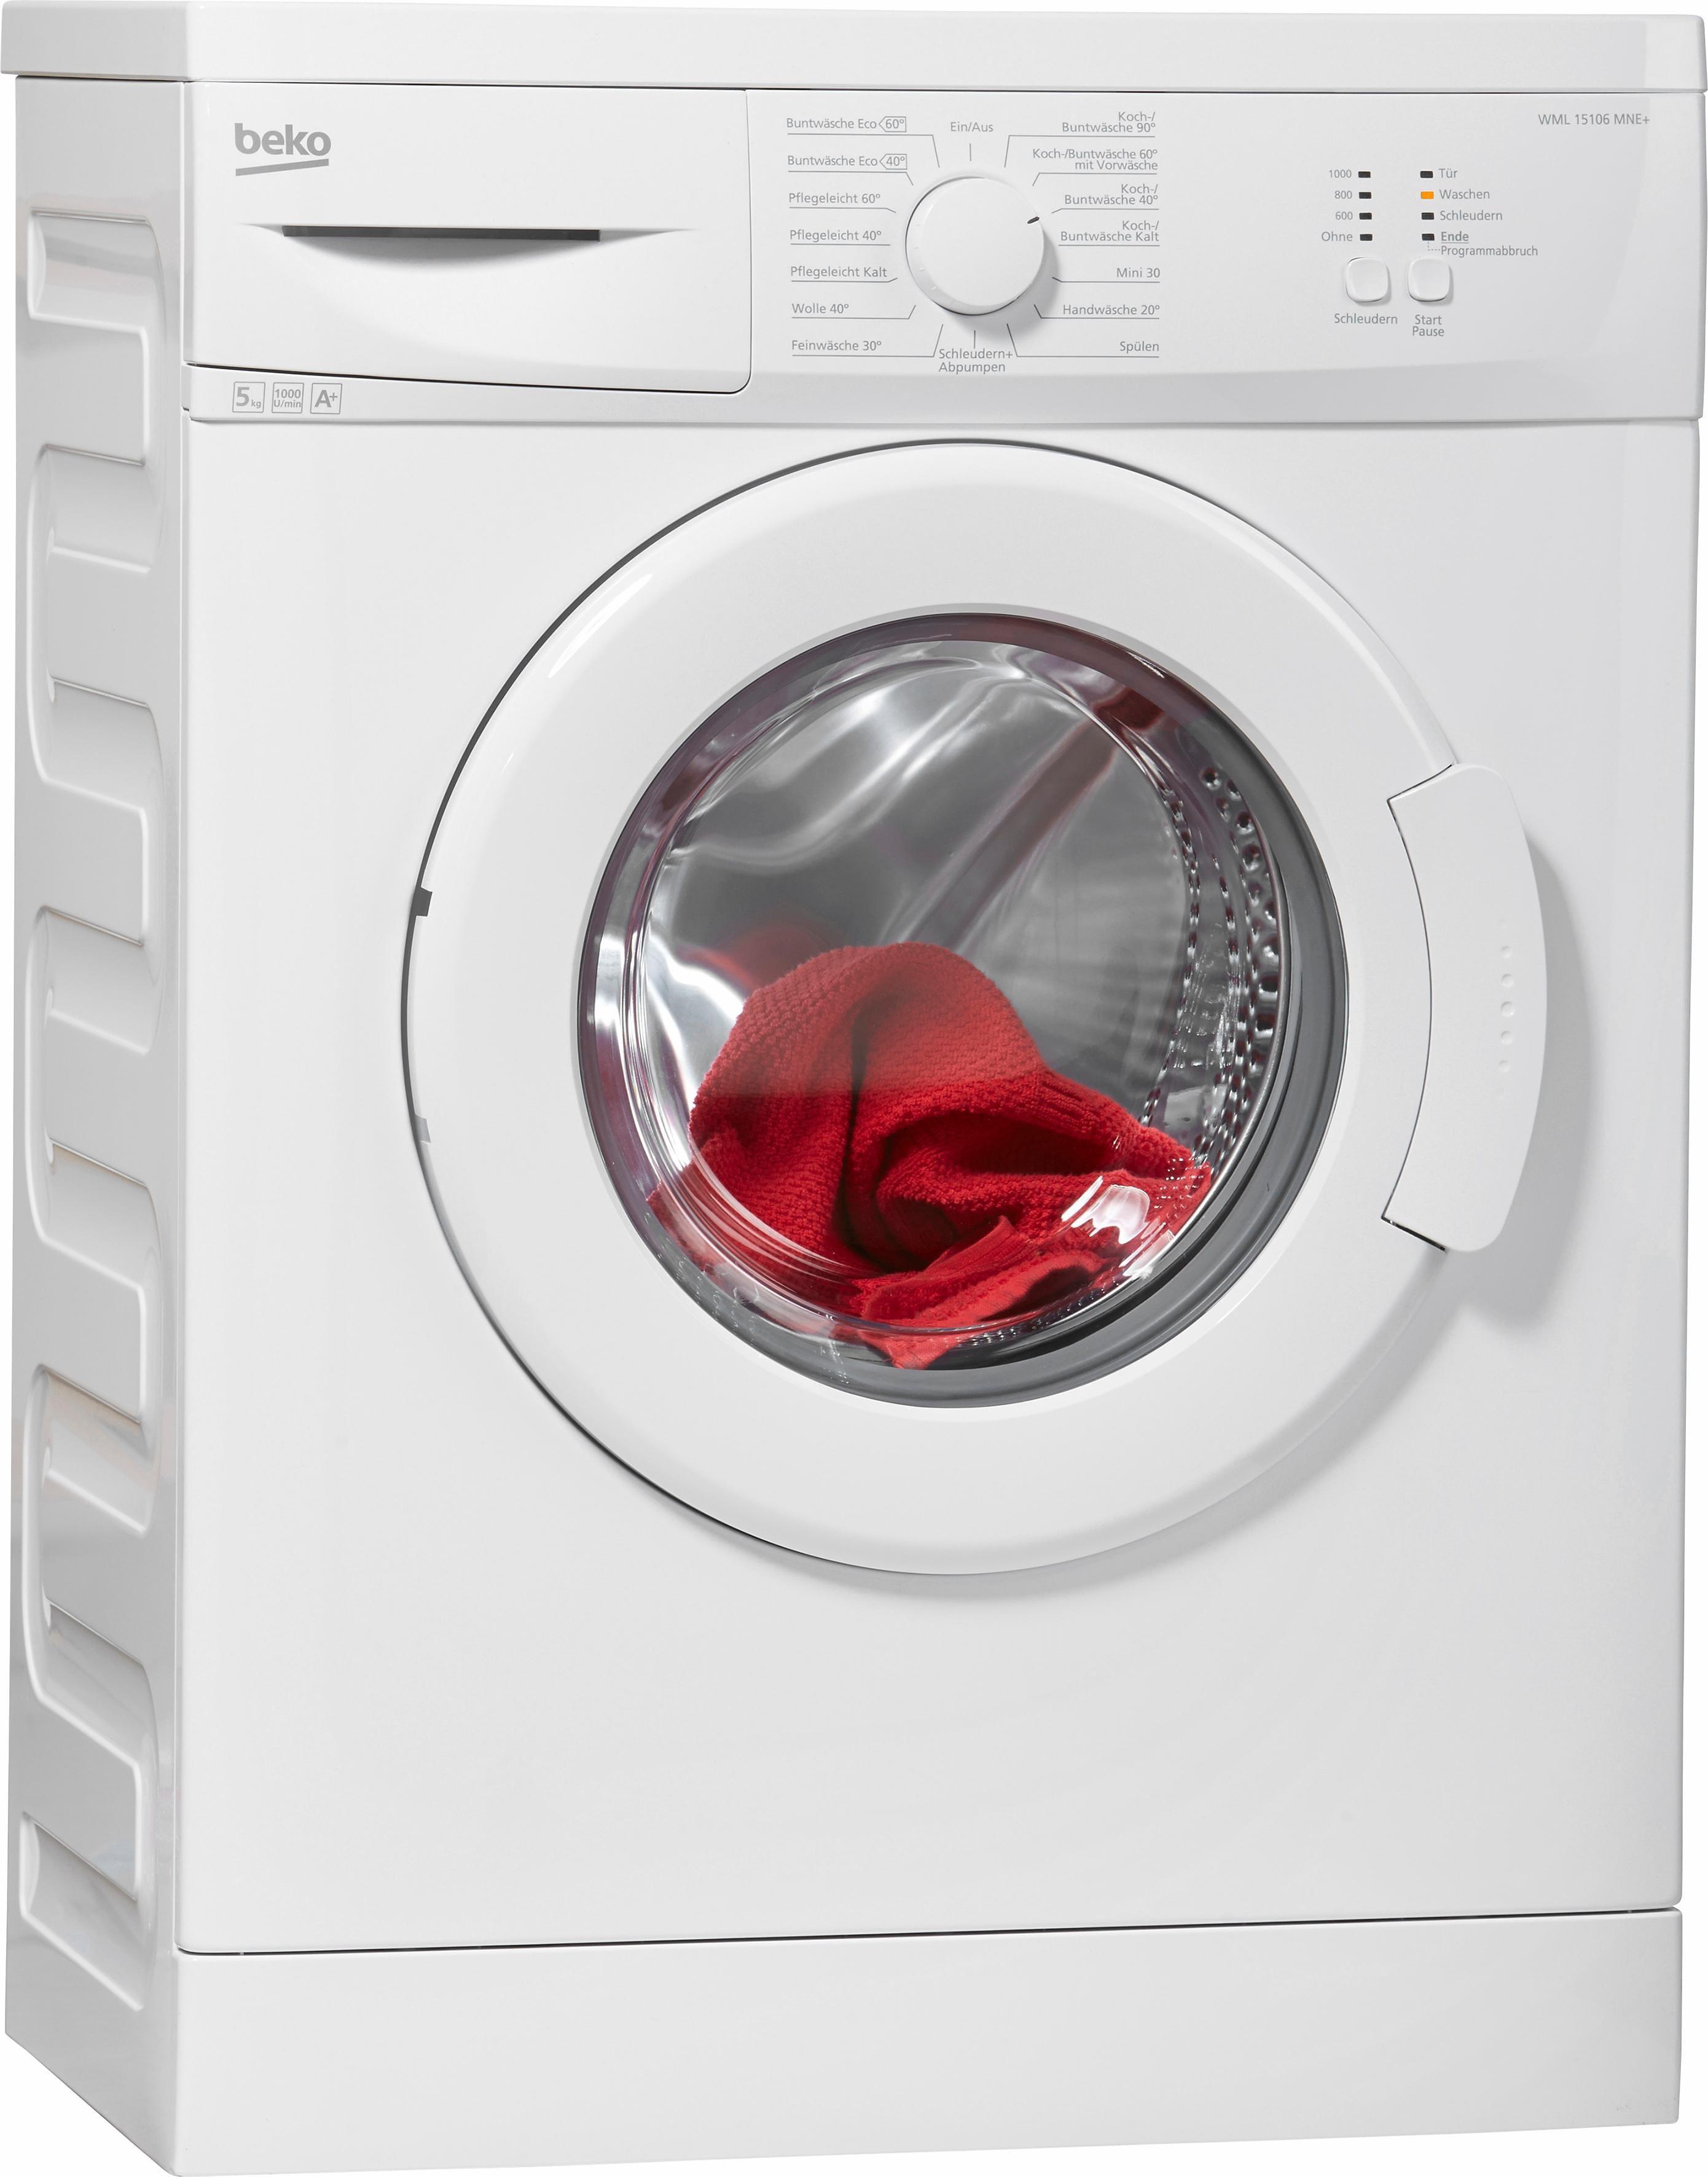 BEKO Waschmaschine WML 15106 MNE+, A+, 5 kg, 1000 U/Min